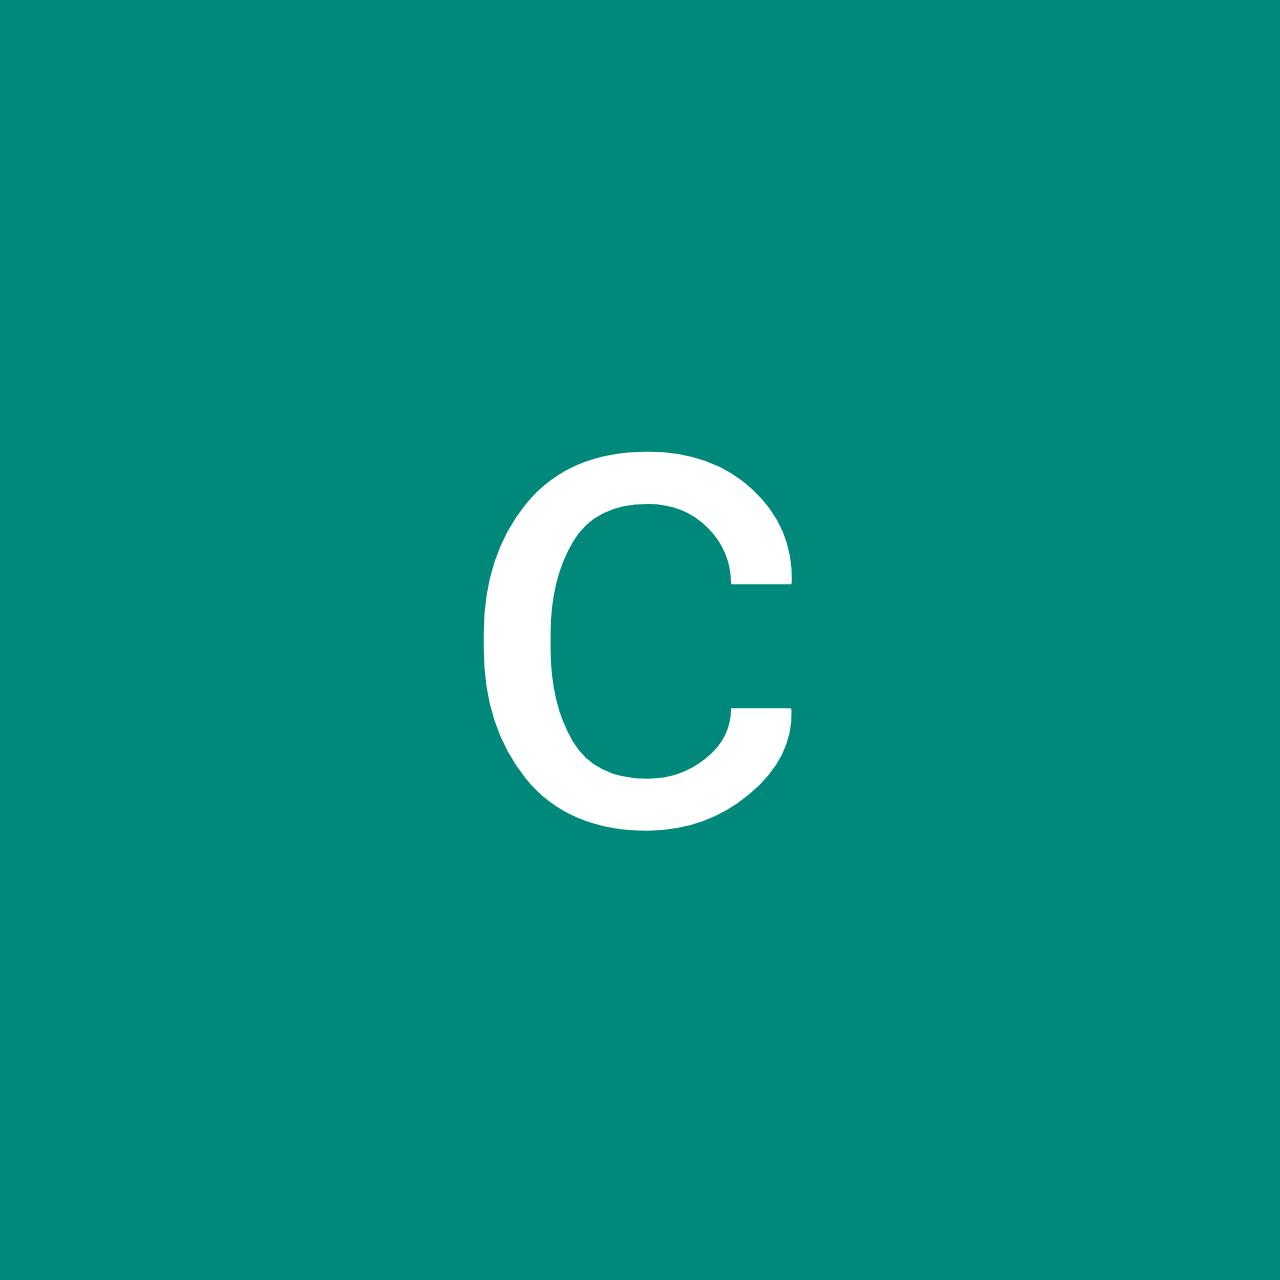 Ckg_killz